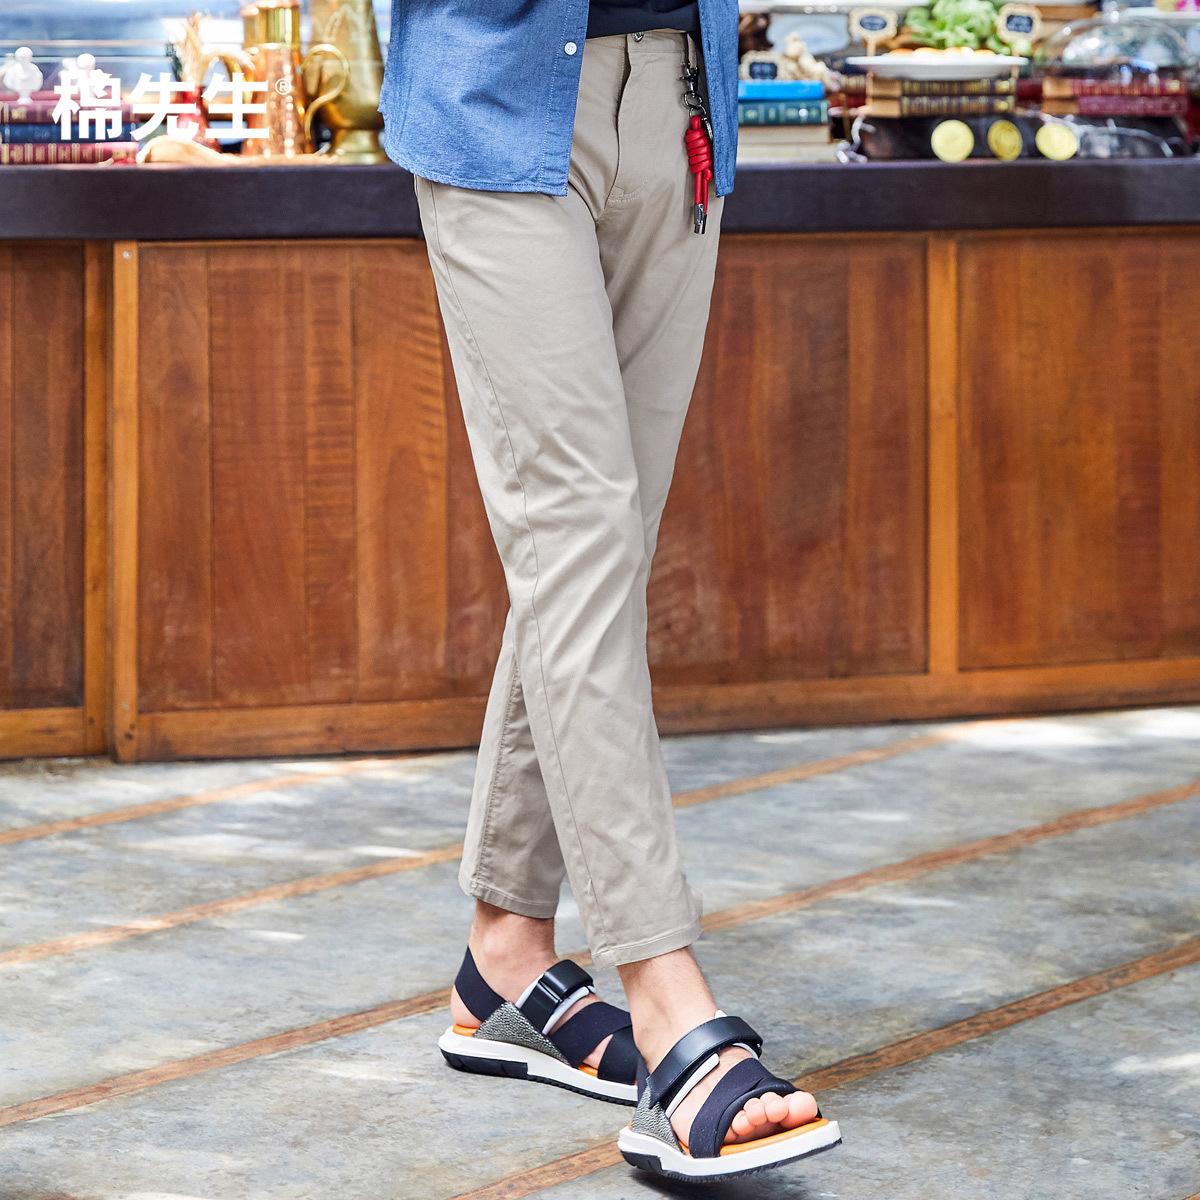 棉先生男装夏季新款男士弹力斜纹布休闲裤九分裤 青年修身小脚裤